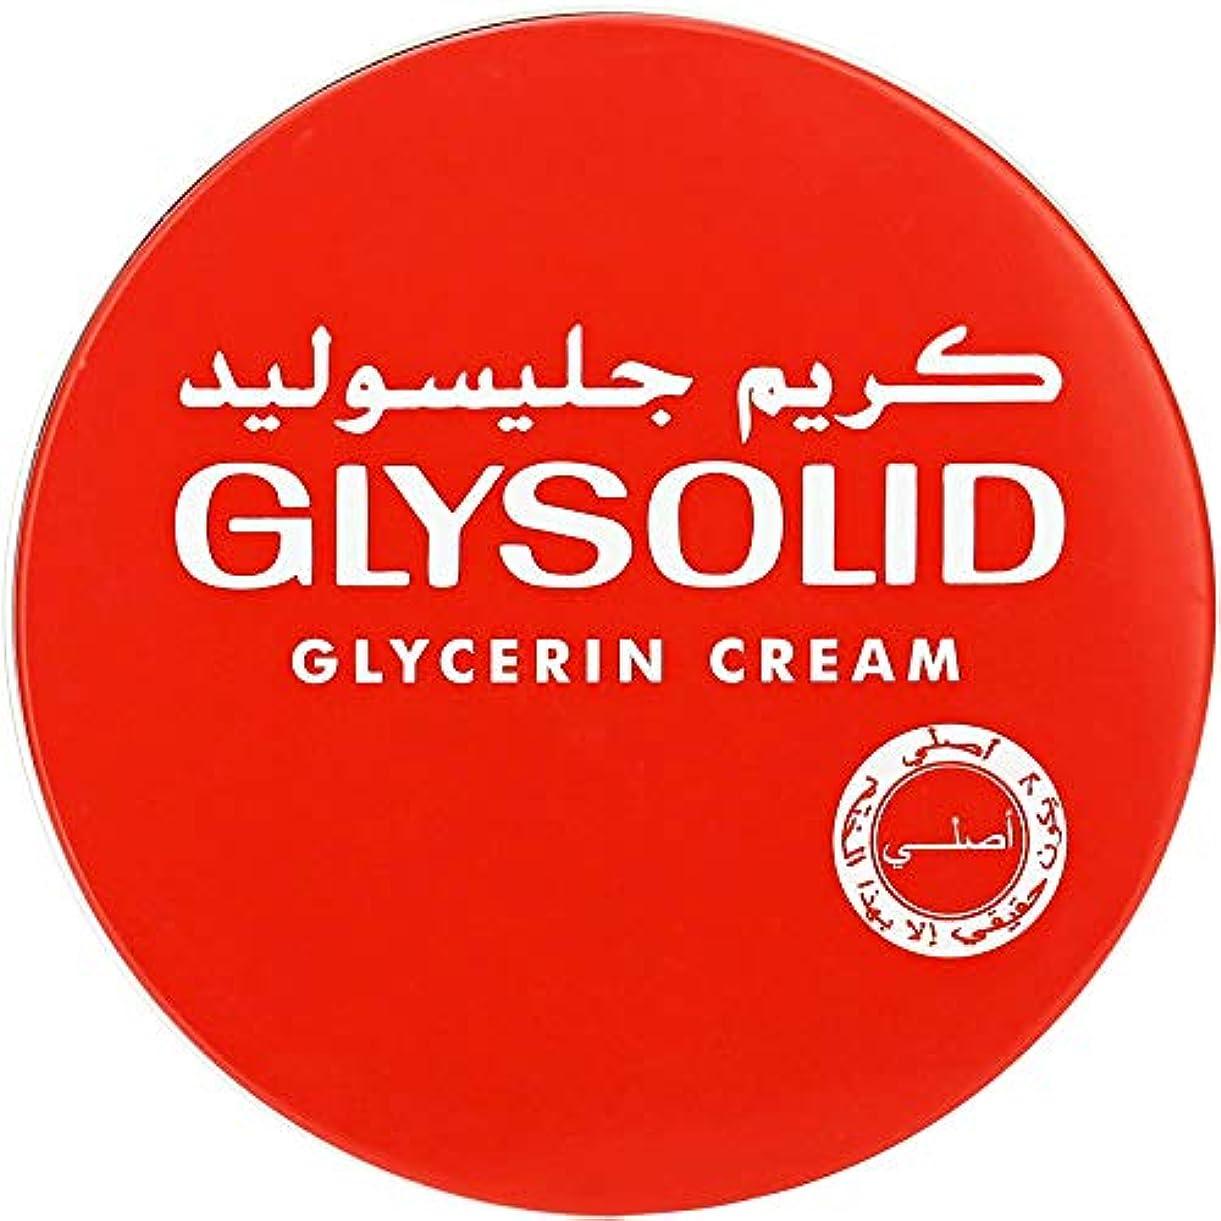 溶けたモットーカプセルGlysolid Cream Face Moisturizers For Dry Skin Hands Feet Elbow Body Softening With Glycerin Keeping Your Skin...